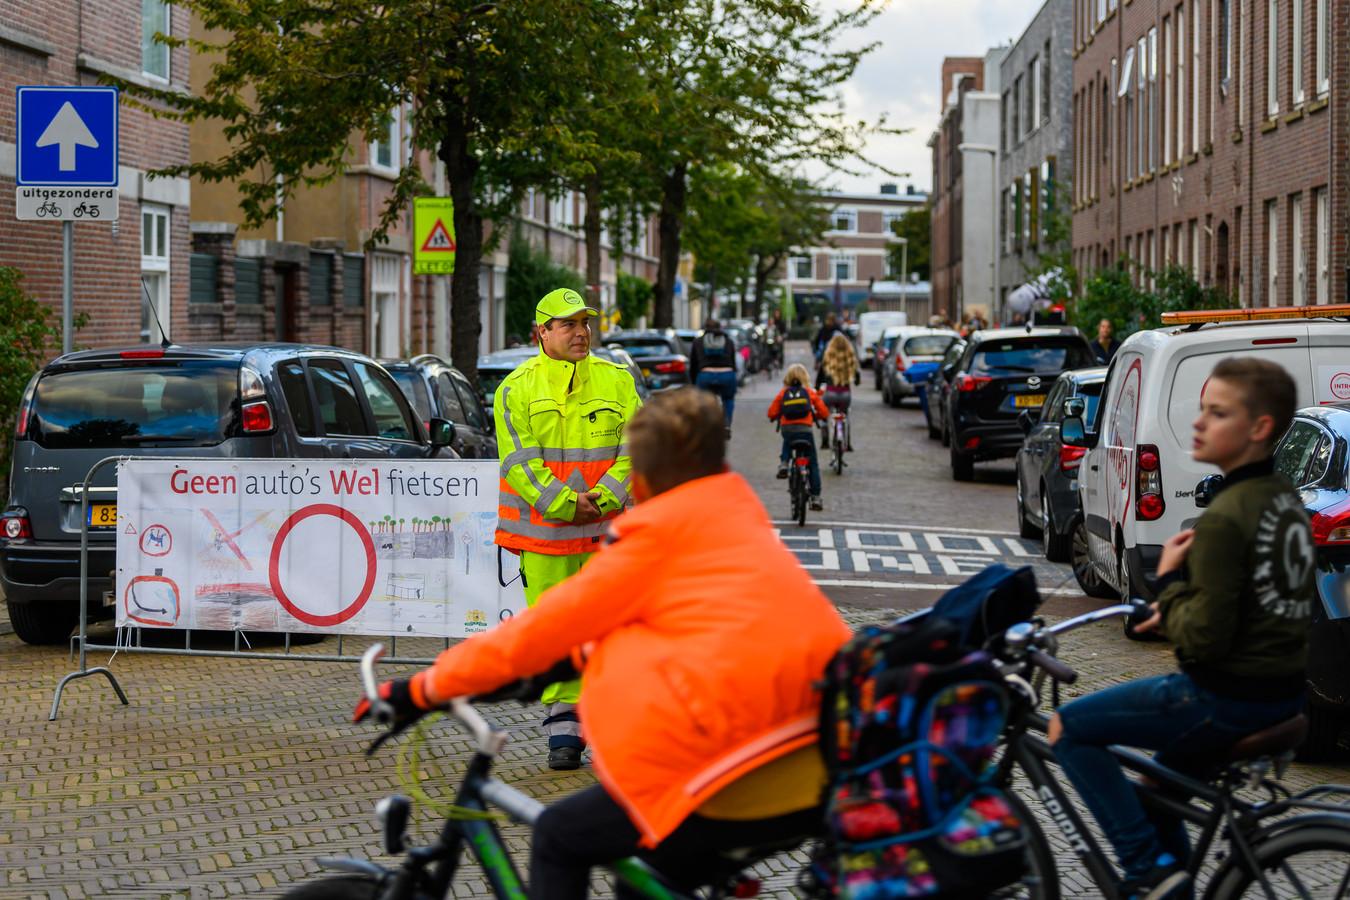 Geen auto's, wel fietsen; zo ziet de eerste schoolstraat van Nederland in Den Haag eruit.